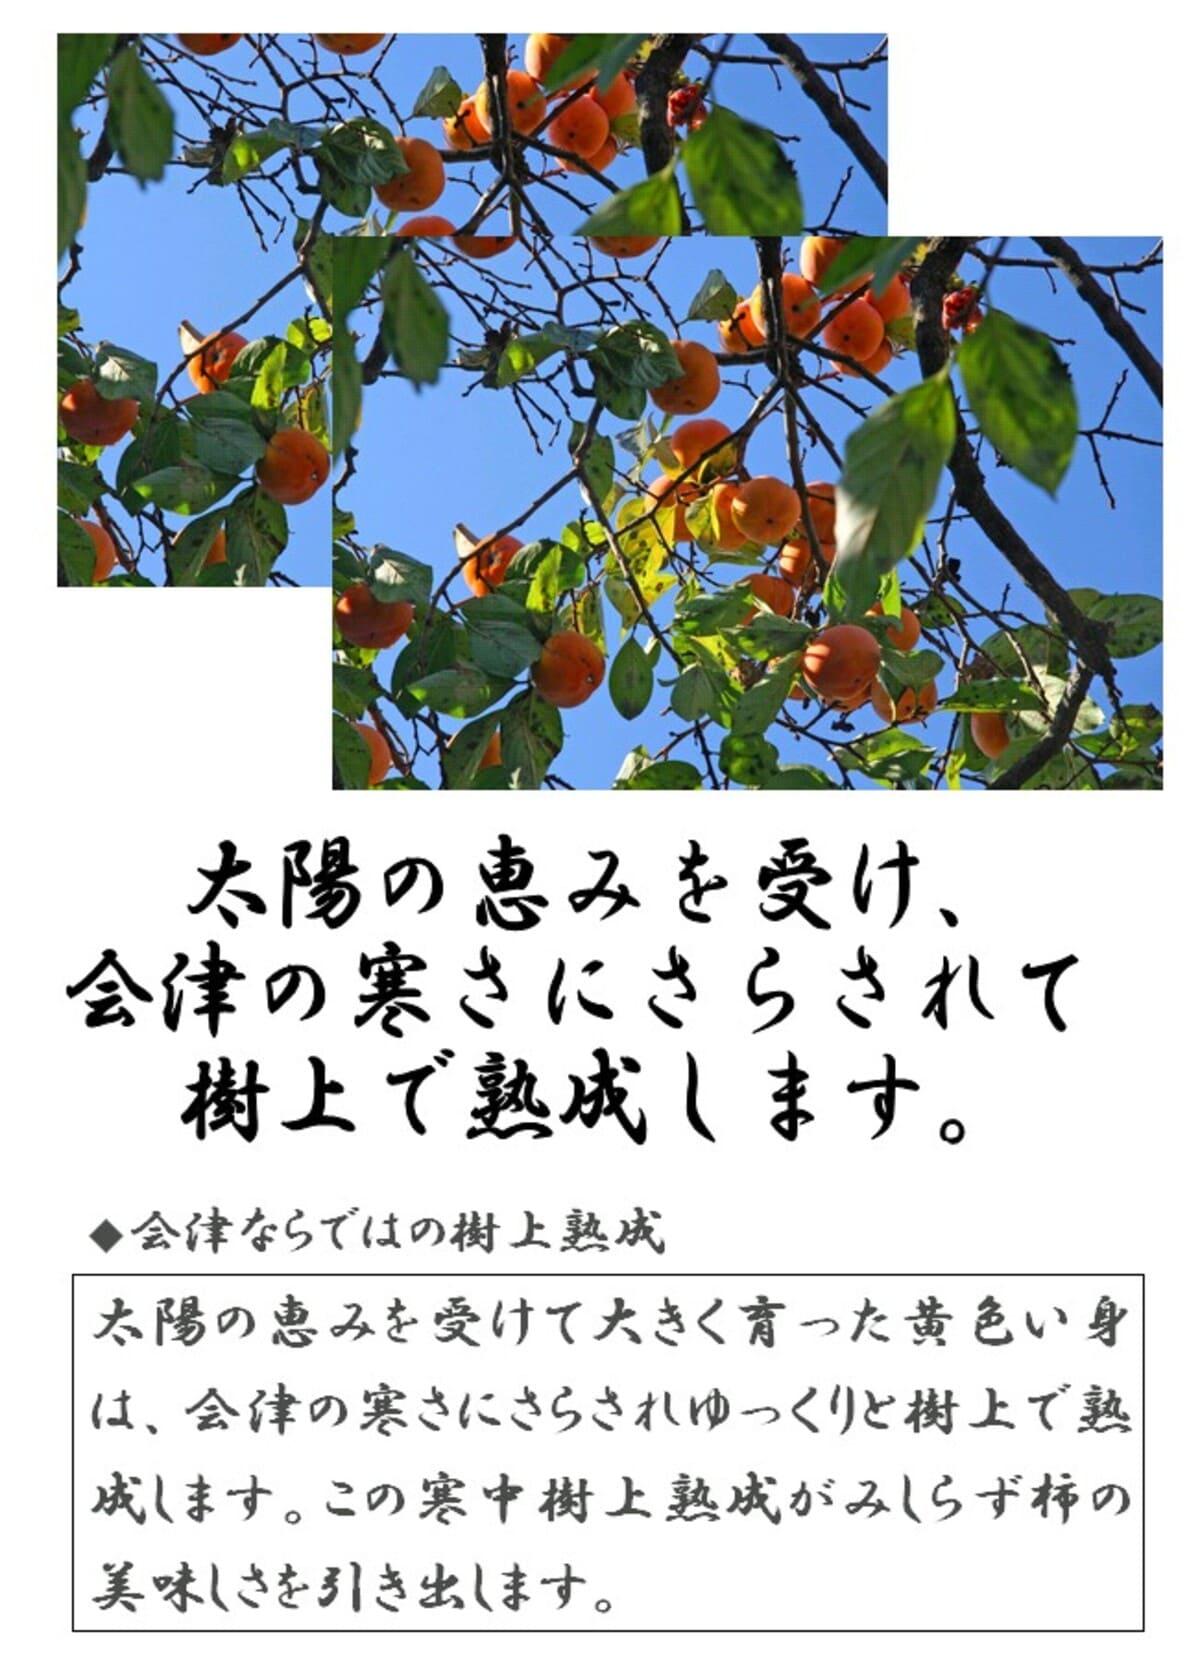 会津の見知らず柿